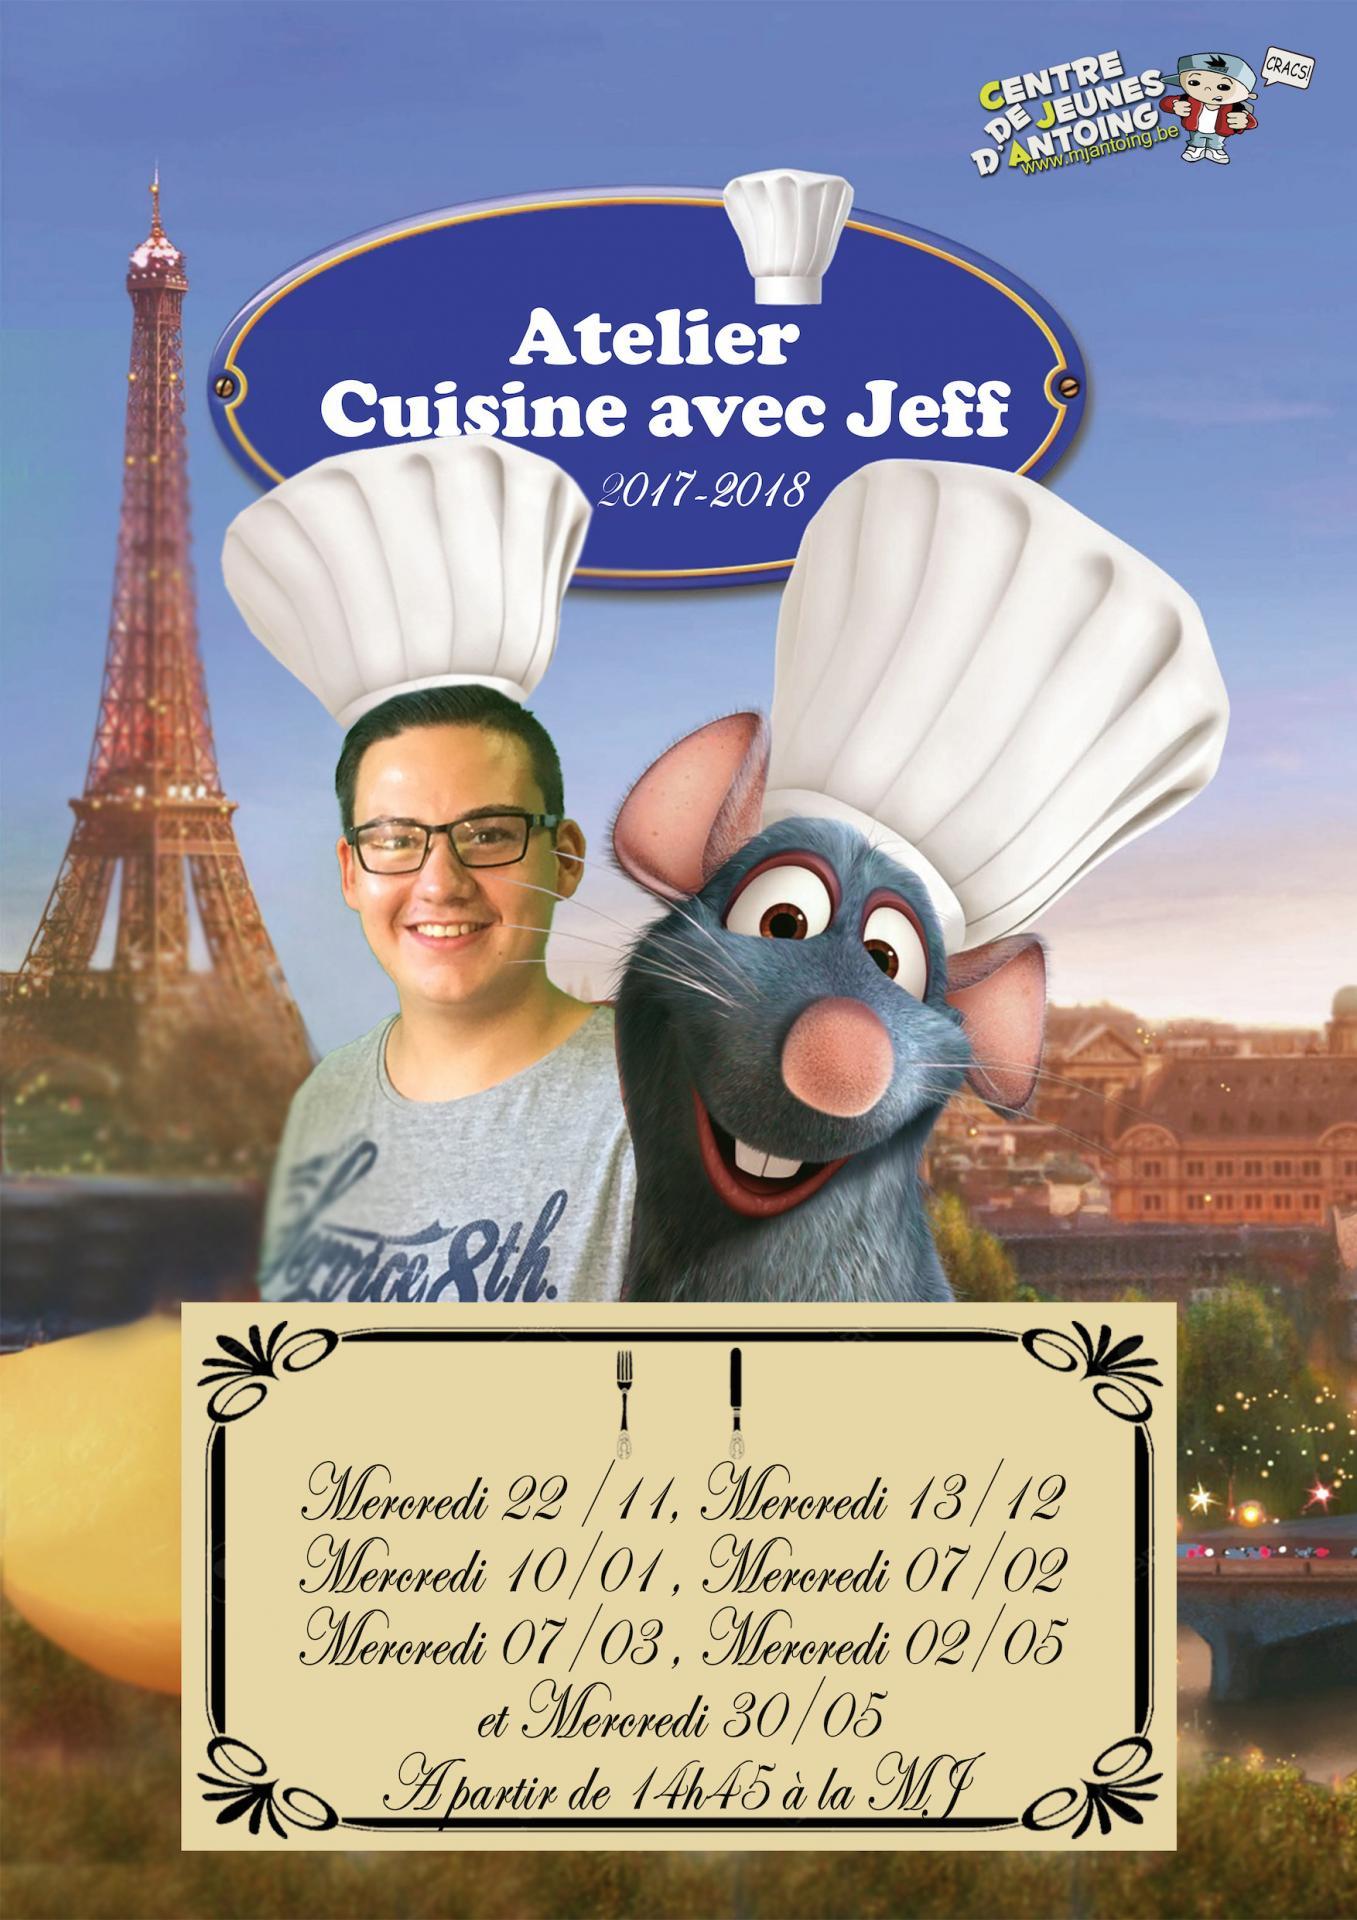 Atelier cuisine jeff2018